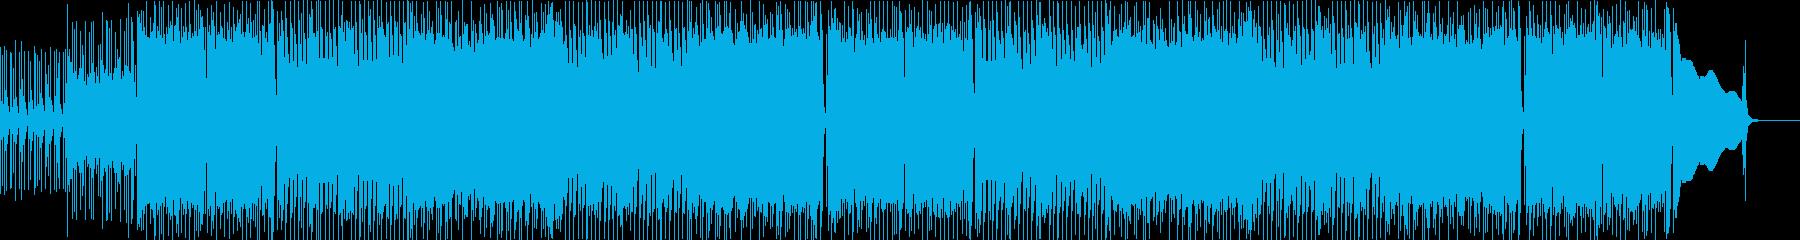 パリッとギターの軽快ロックの再生済みの波形